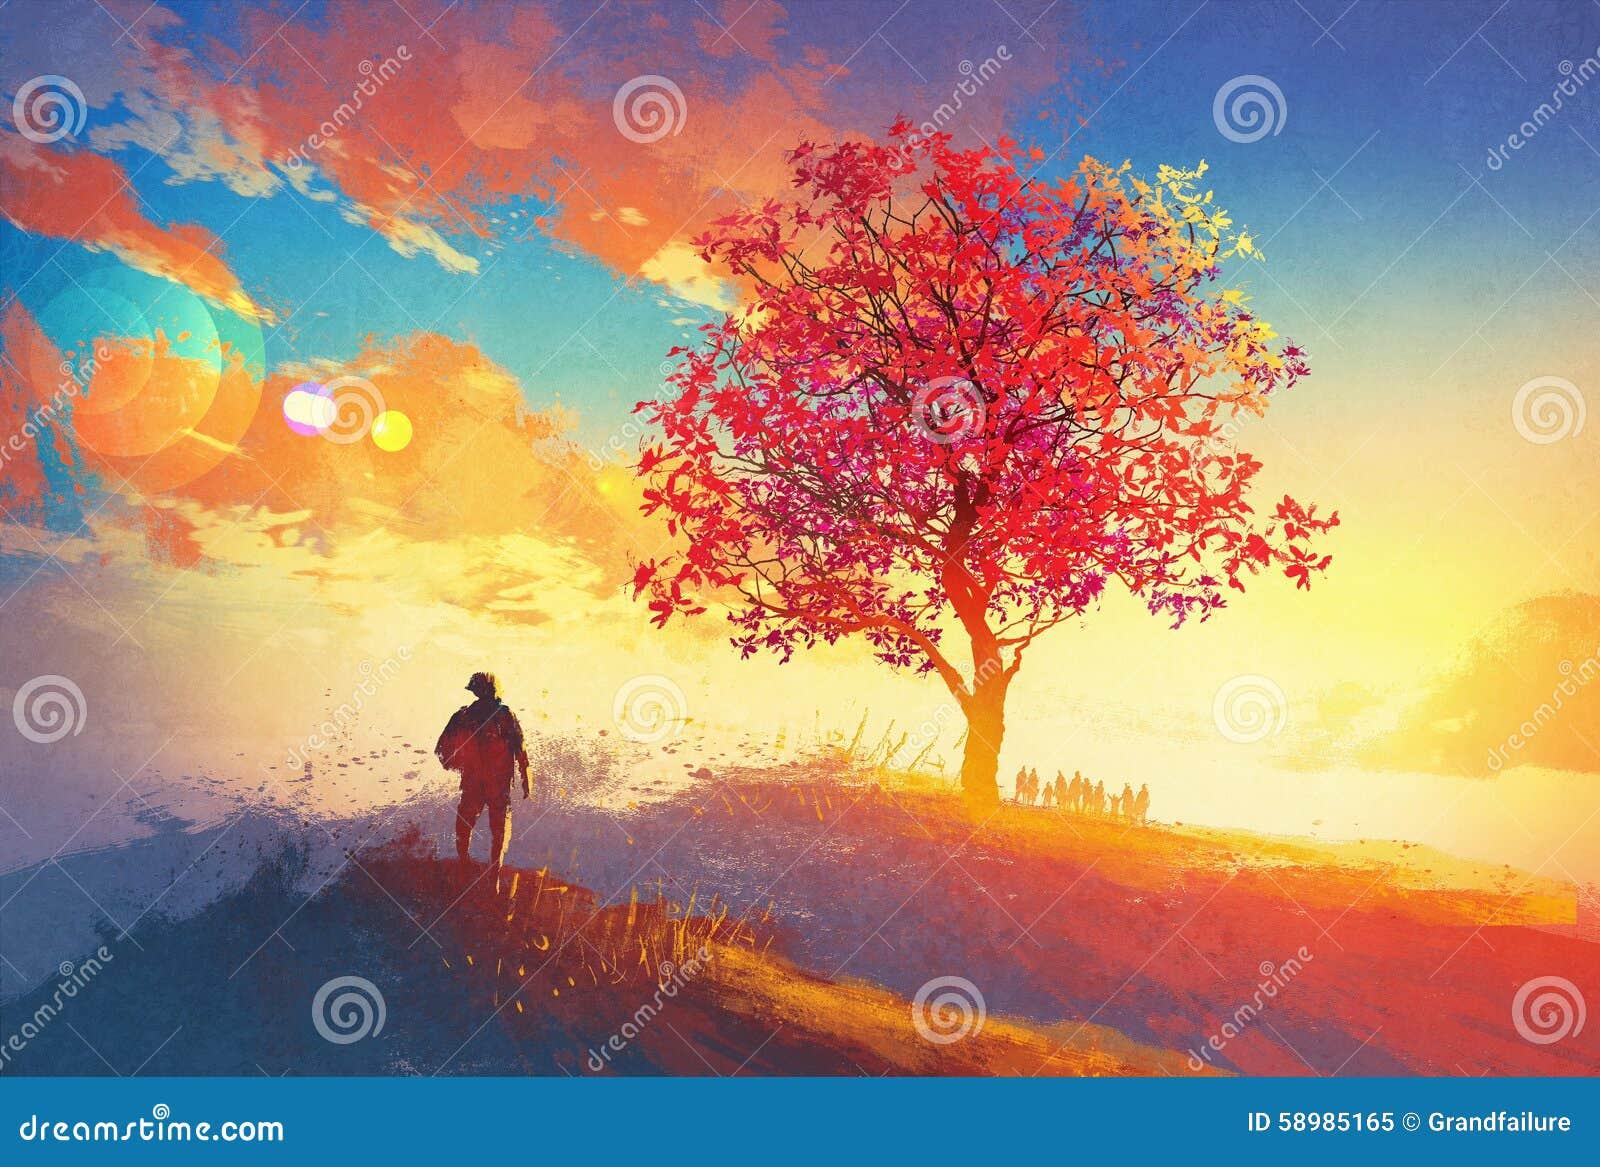 Paysage d 39 automne avec le seul arbre sur la montagne - 123rf image gratuite ...